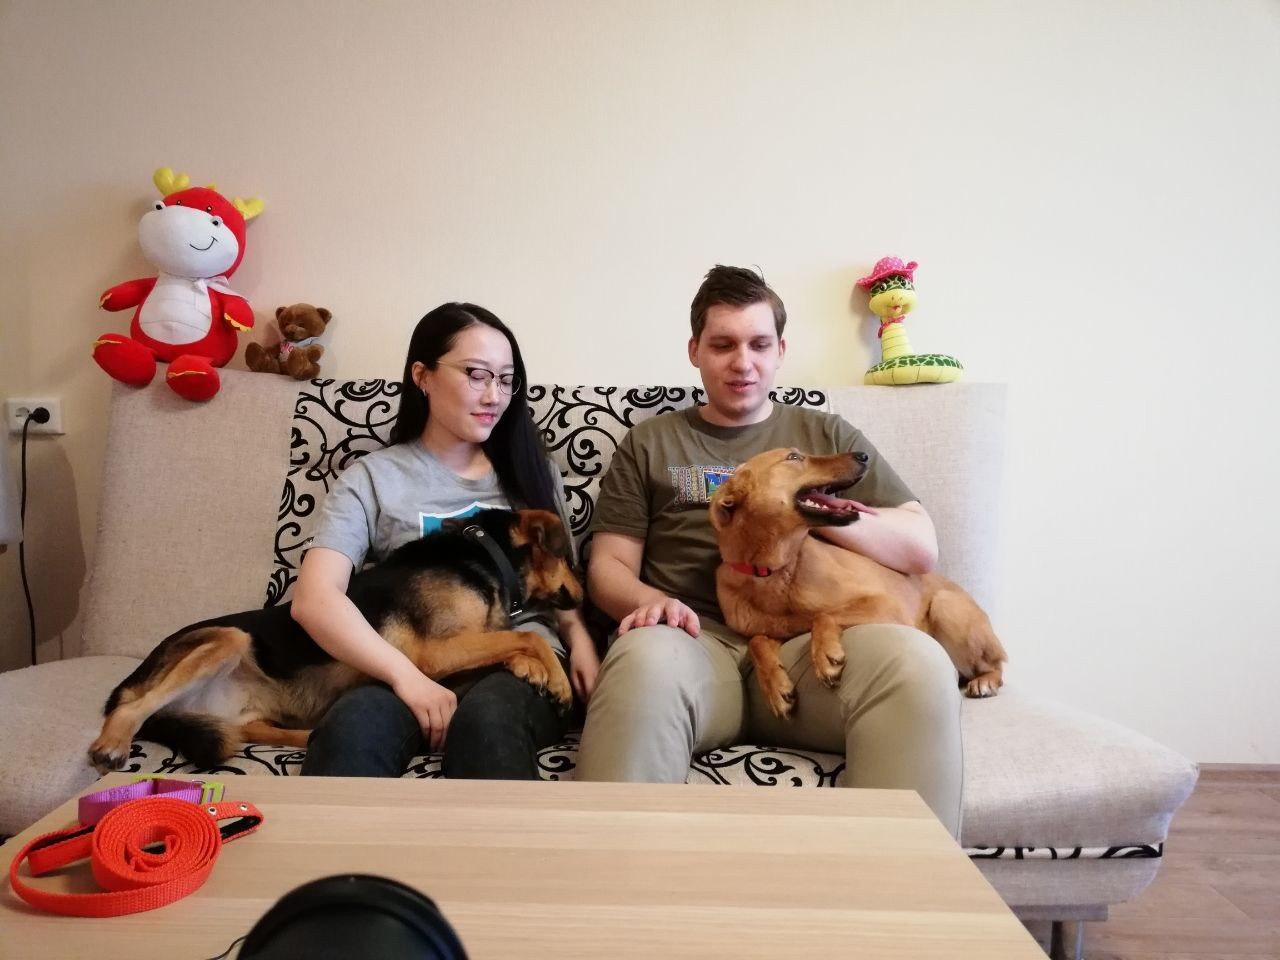 Интернациональная любовь! Как Иван и Гуанси приютили двух приютских собак ) рис 2